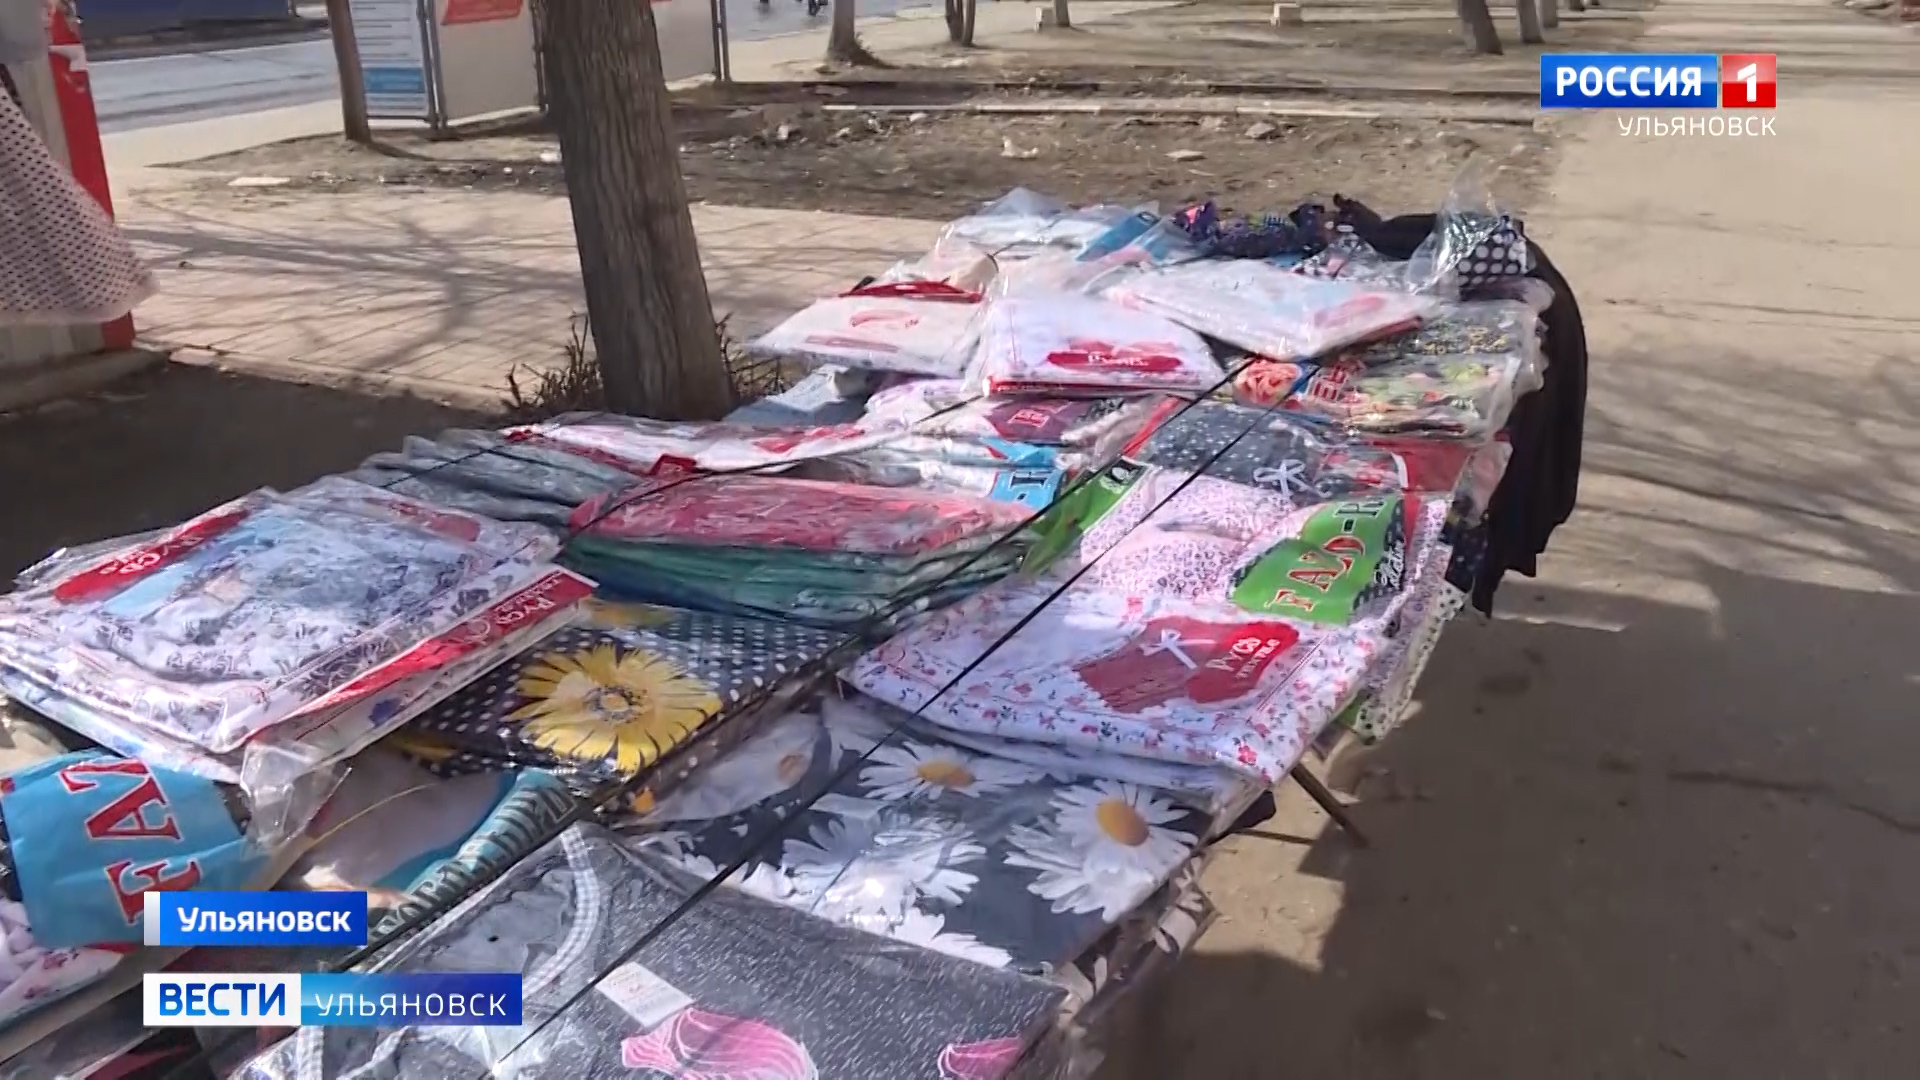 Очередной рейд по предотвращению несанкционированной уличной торговли провели в Засвияжье